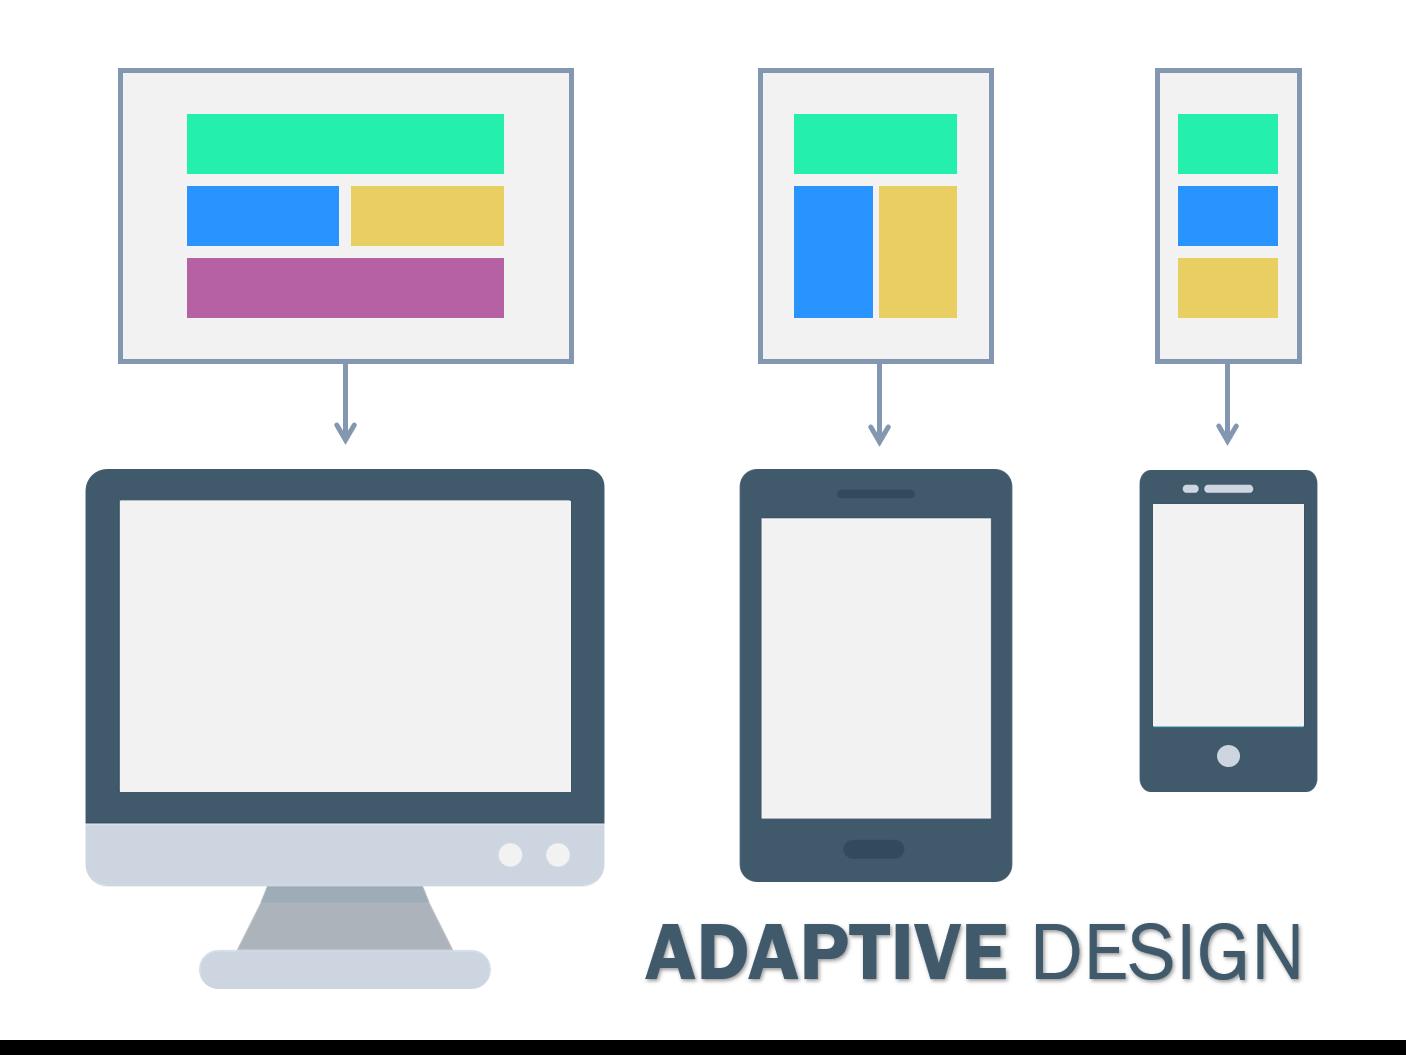 طراحی تعاملی یا تطبیقی: کدام یک بهتر است؟ نگاهی به تفاوت های بین طراحی  تعاملی و تطبیقی